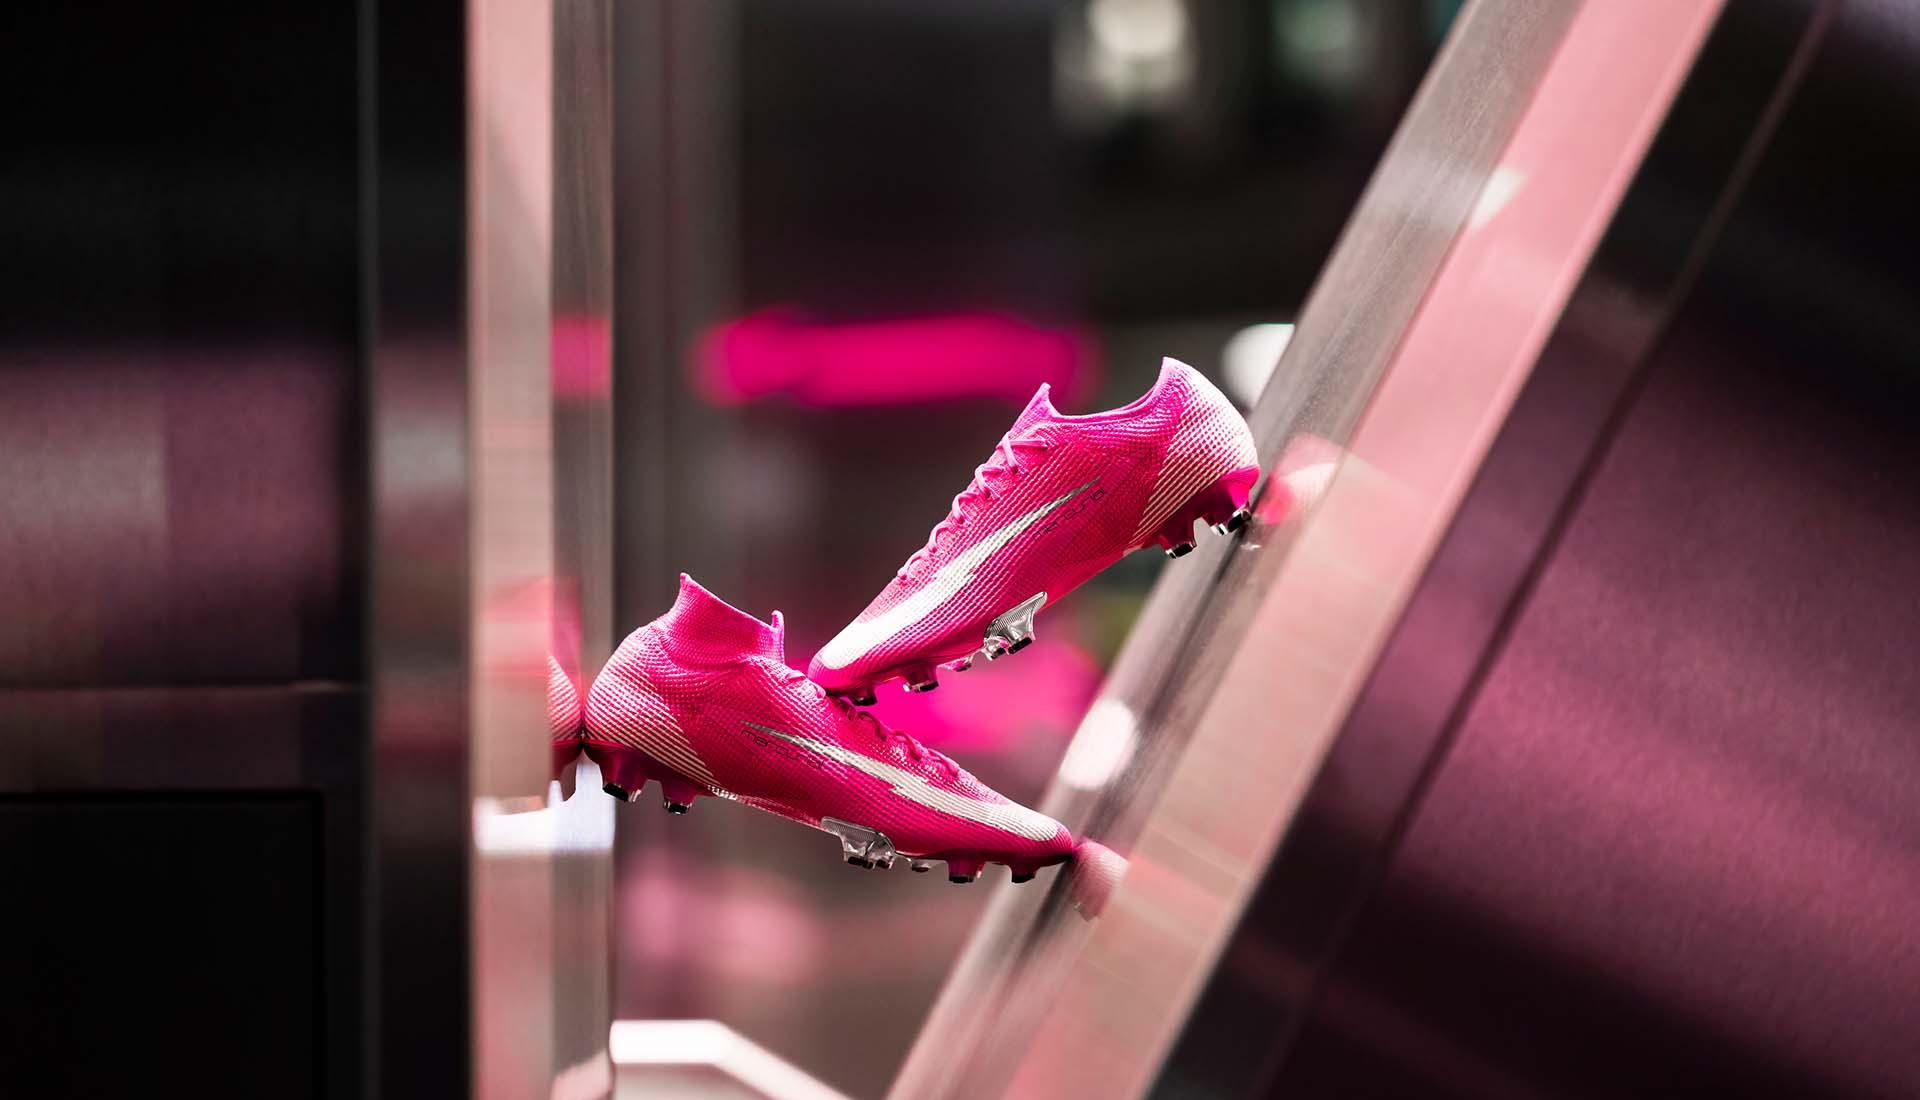 Mức giá giày đá banh Nike màu hồng của Mbappé phiên bản chính hãng khá cao